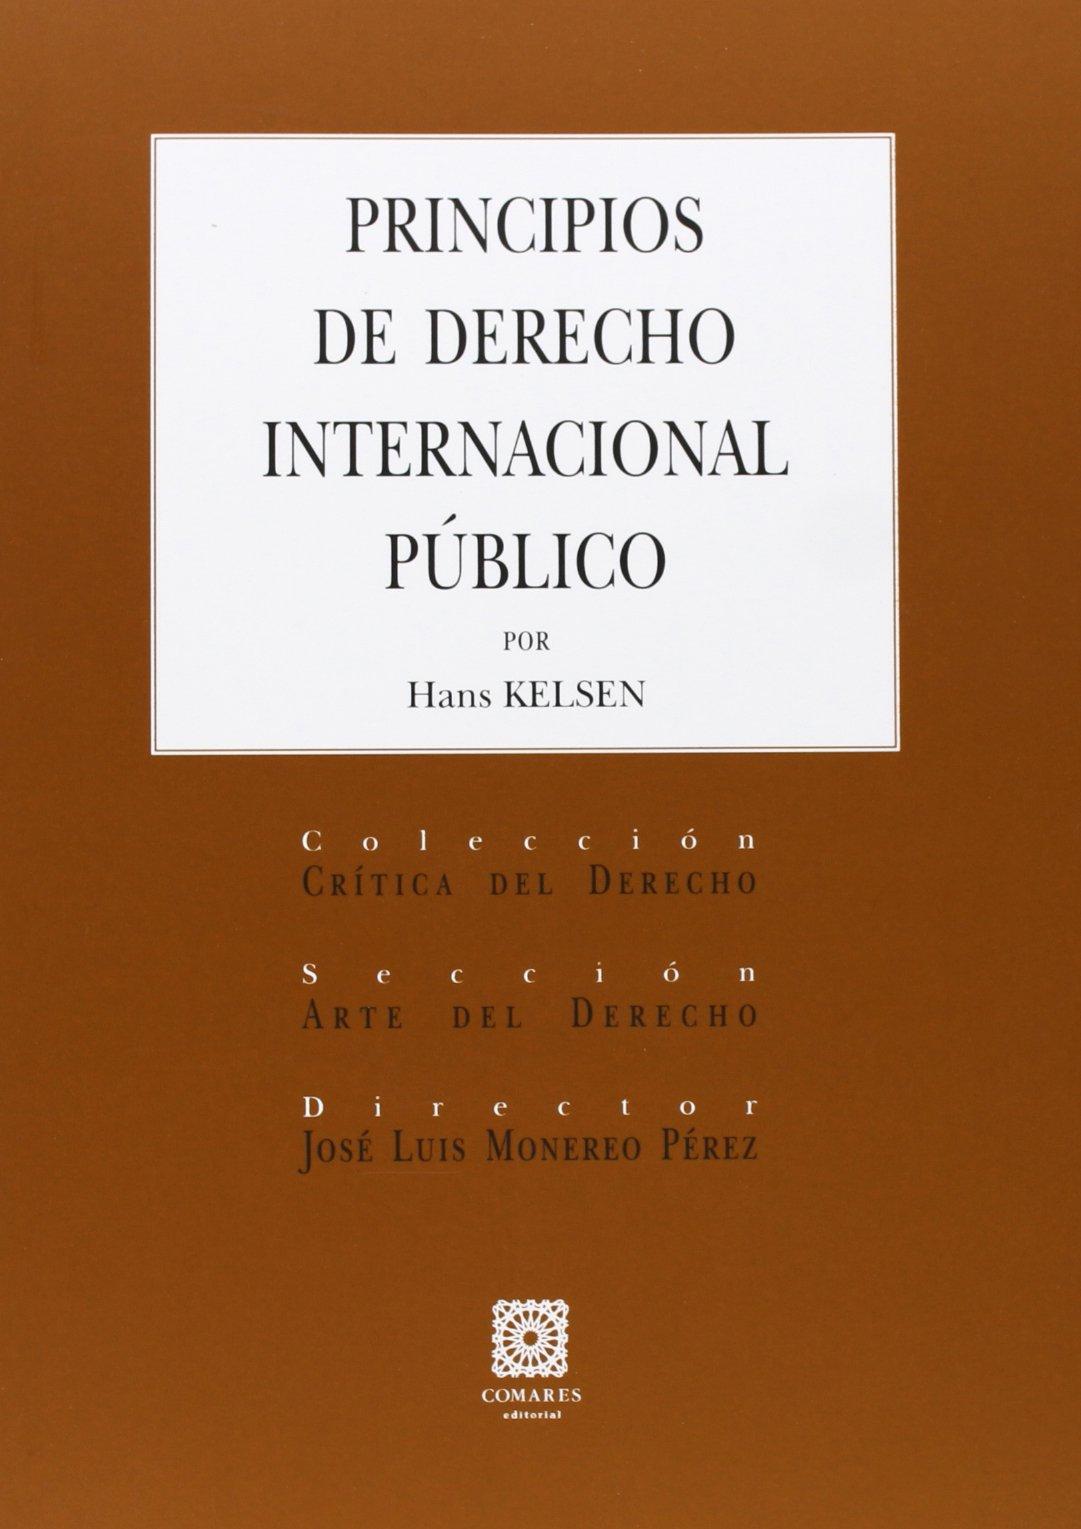 Principios De Derecho Internacional Público (Critica Derecho) Tapa blanda – 25 jun 2013 Hans Kelsen Comares 8490450552 International law